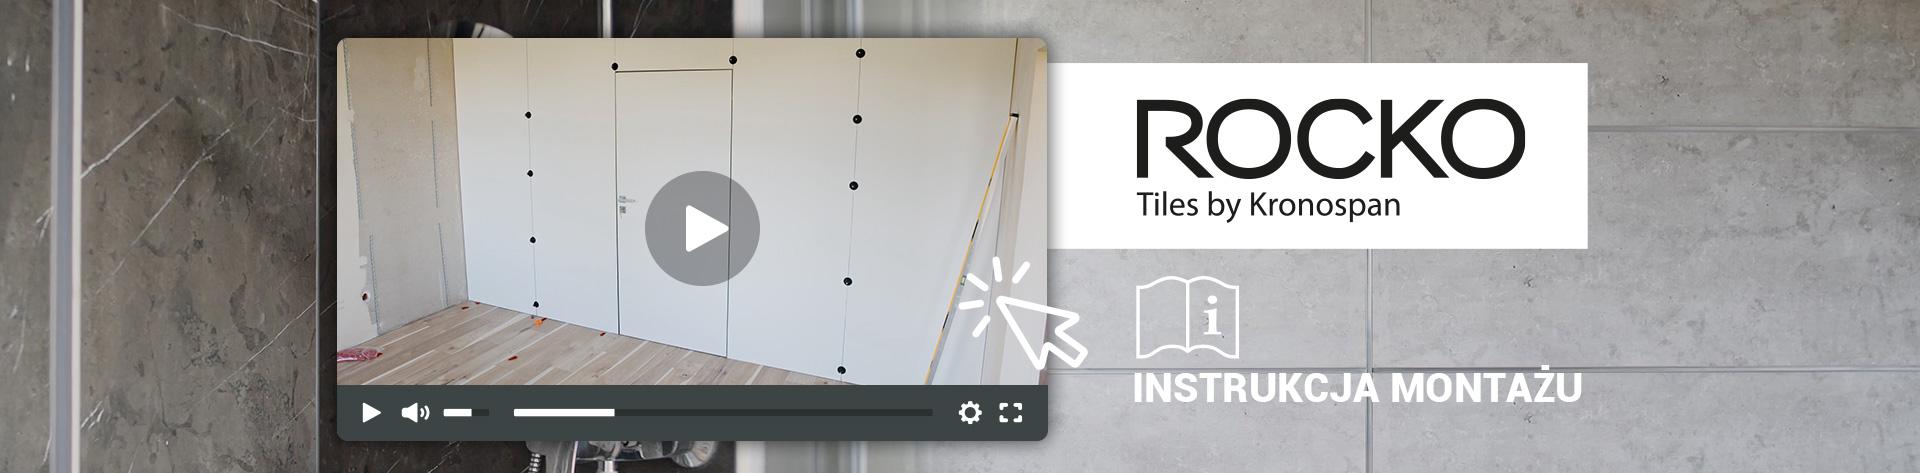 slider_tiles_install_pl.jpg